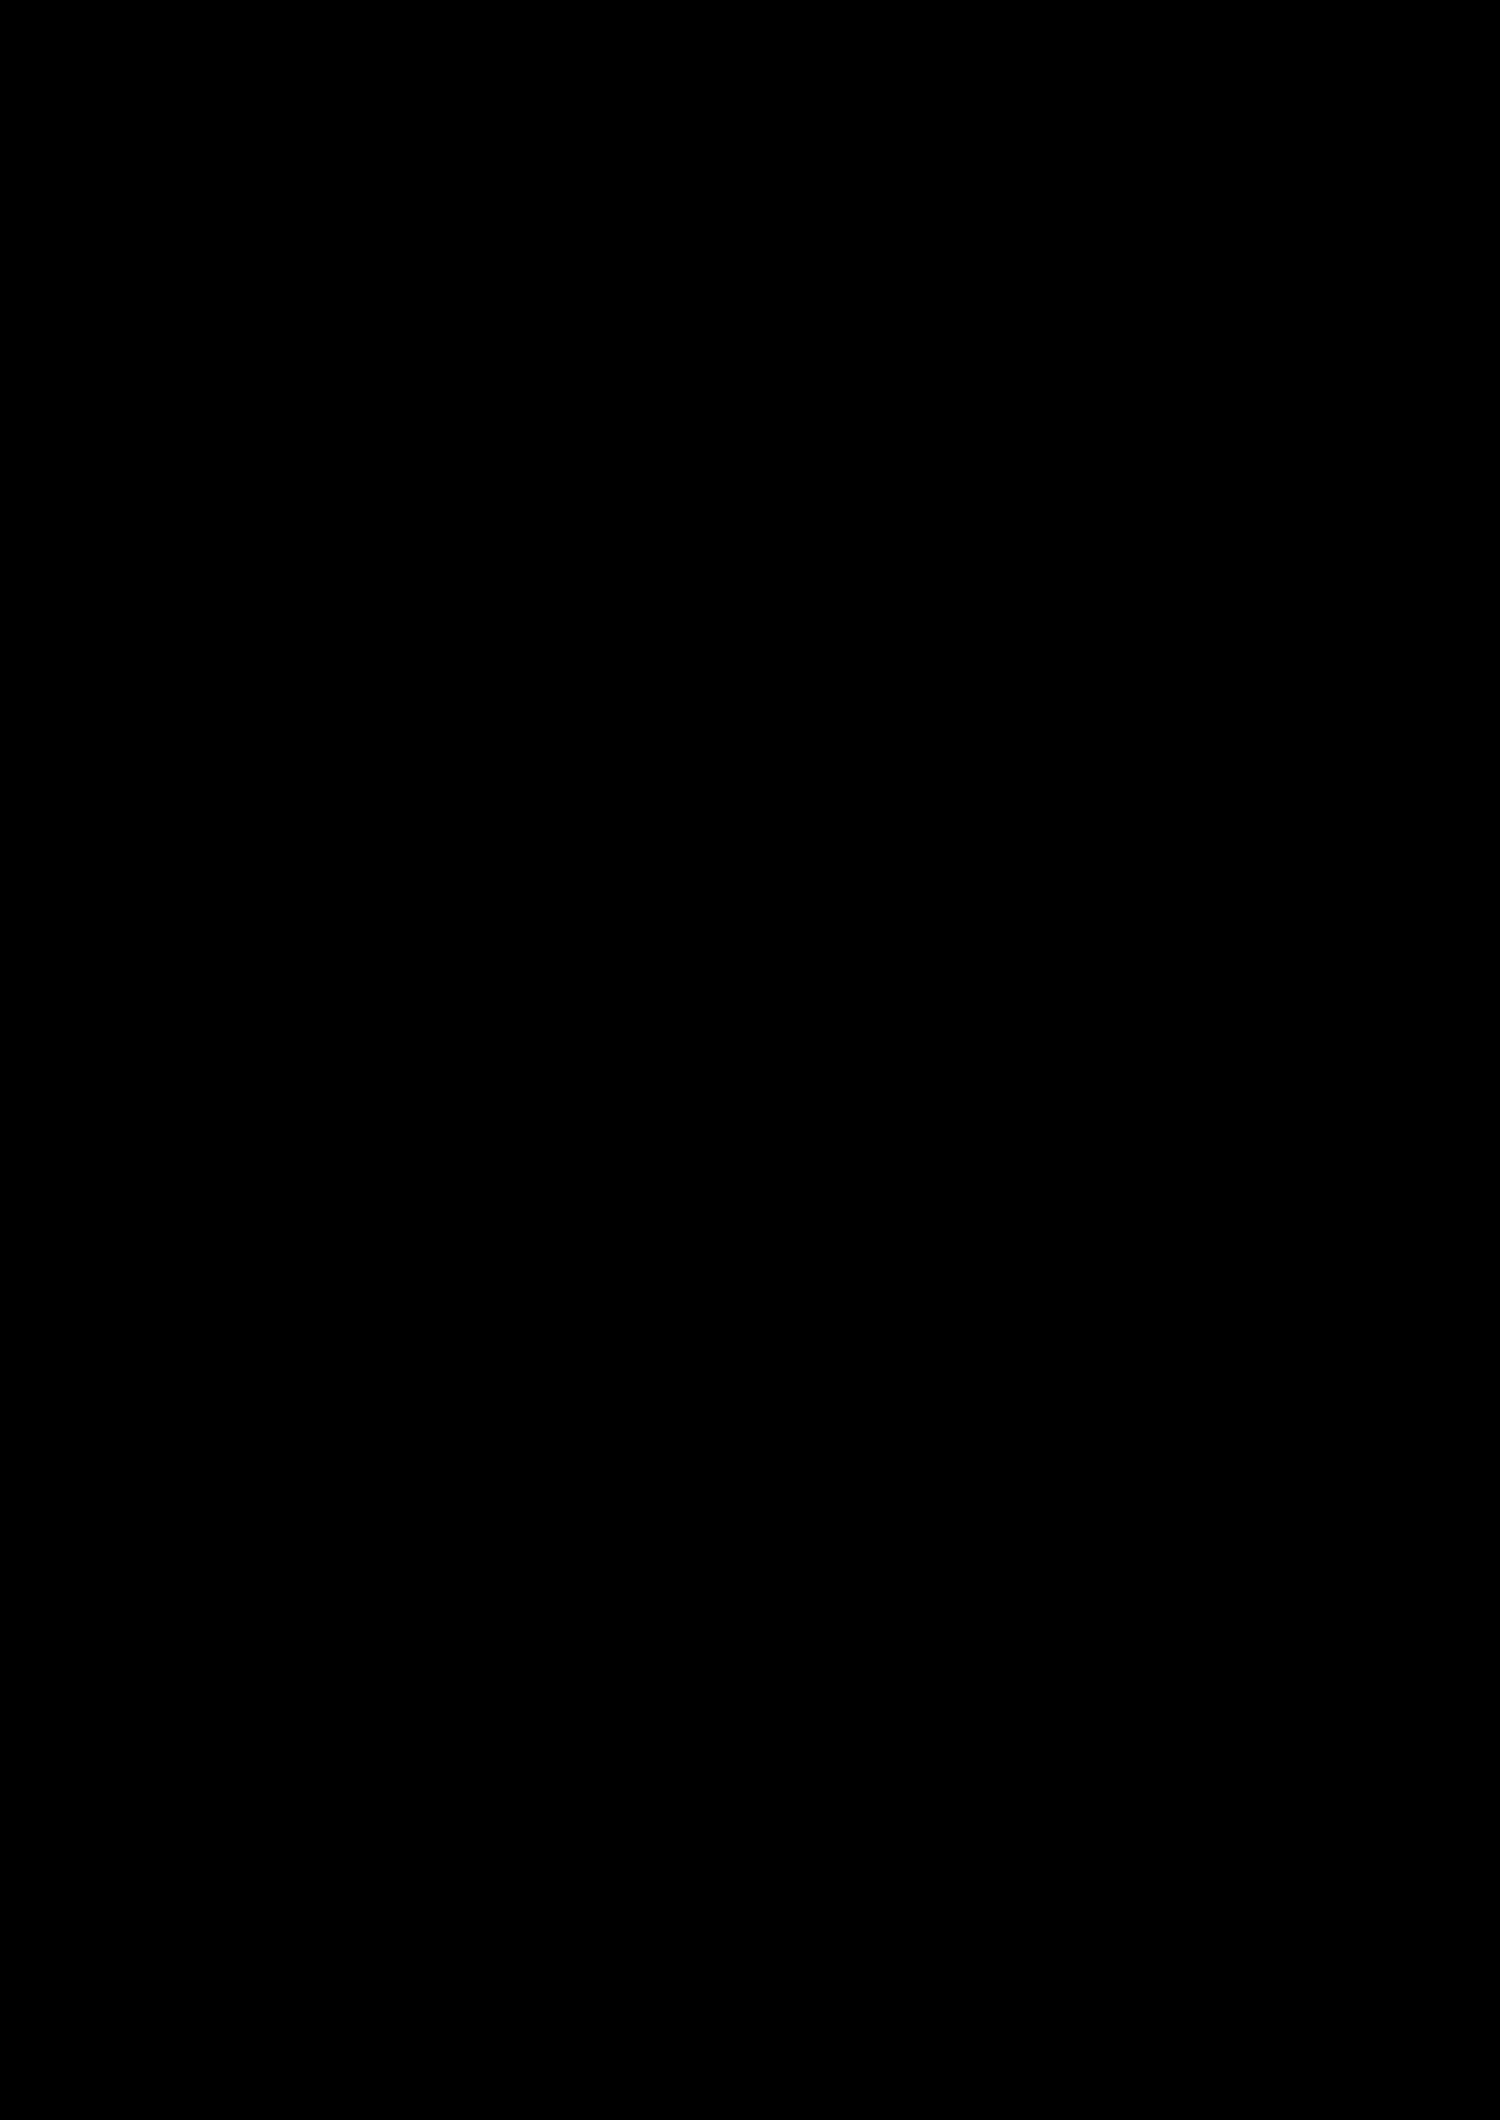 Pantoque – Exposición en Museo do Mar de Noia